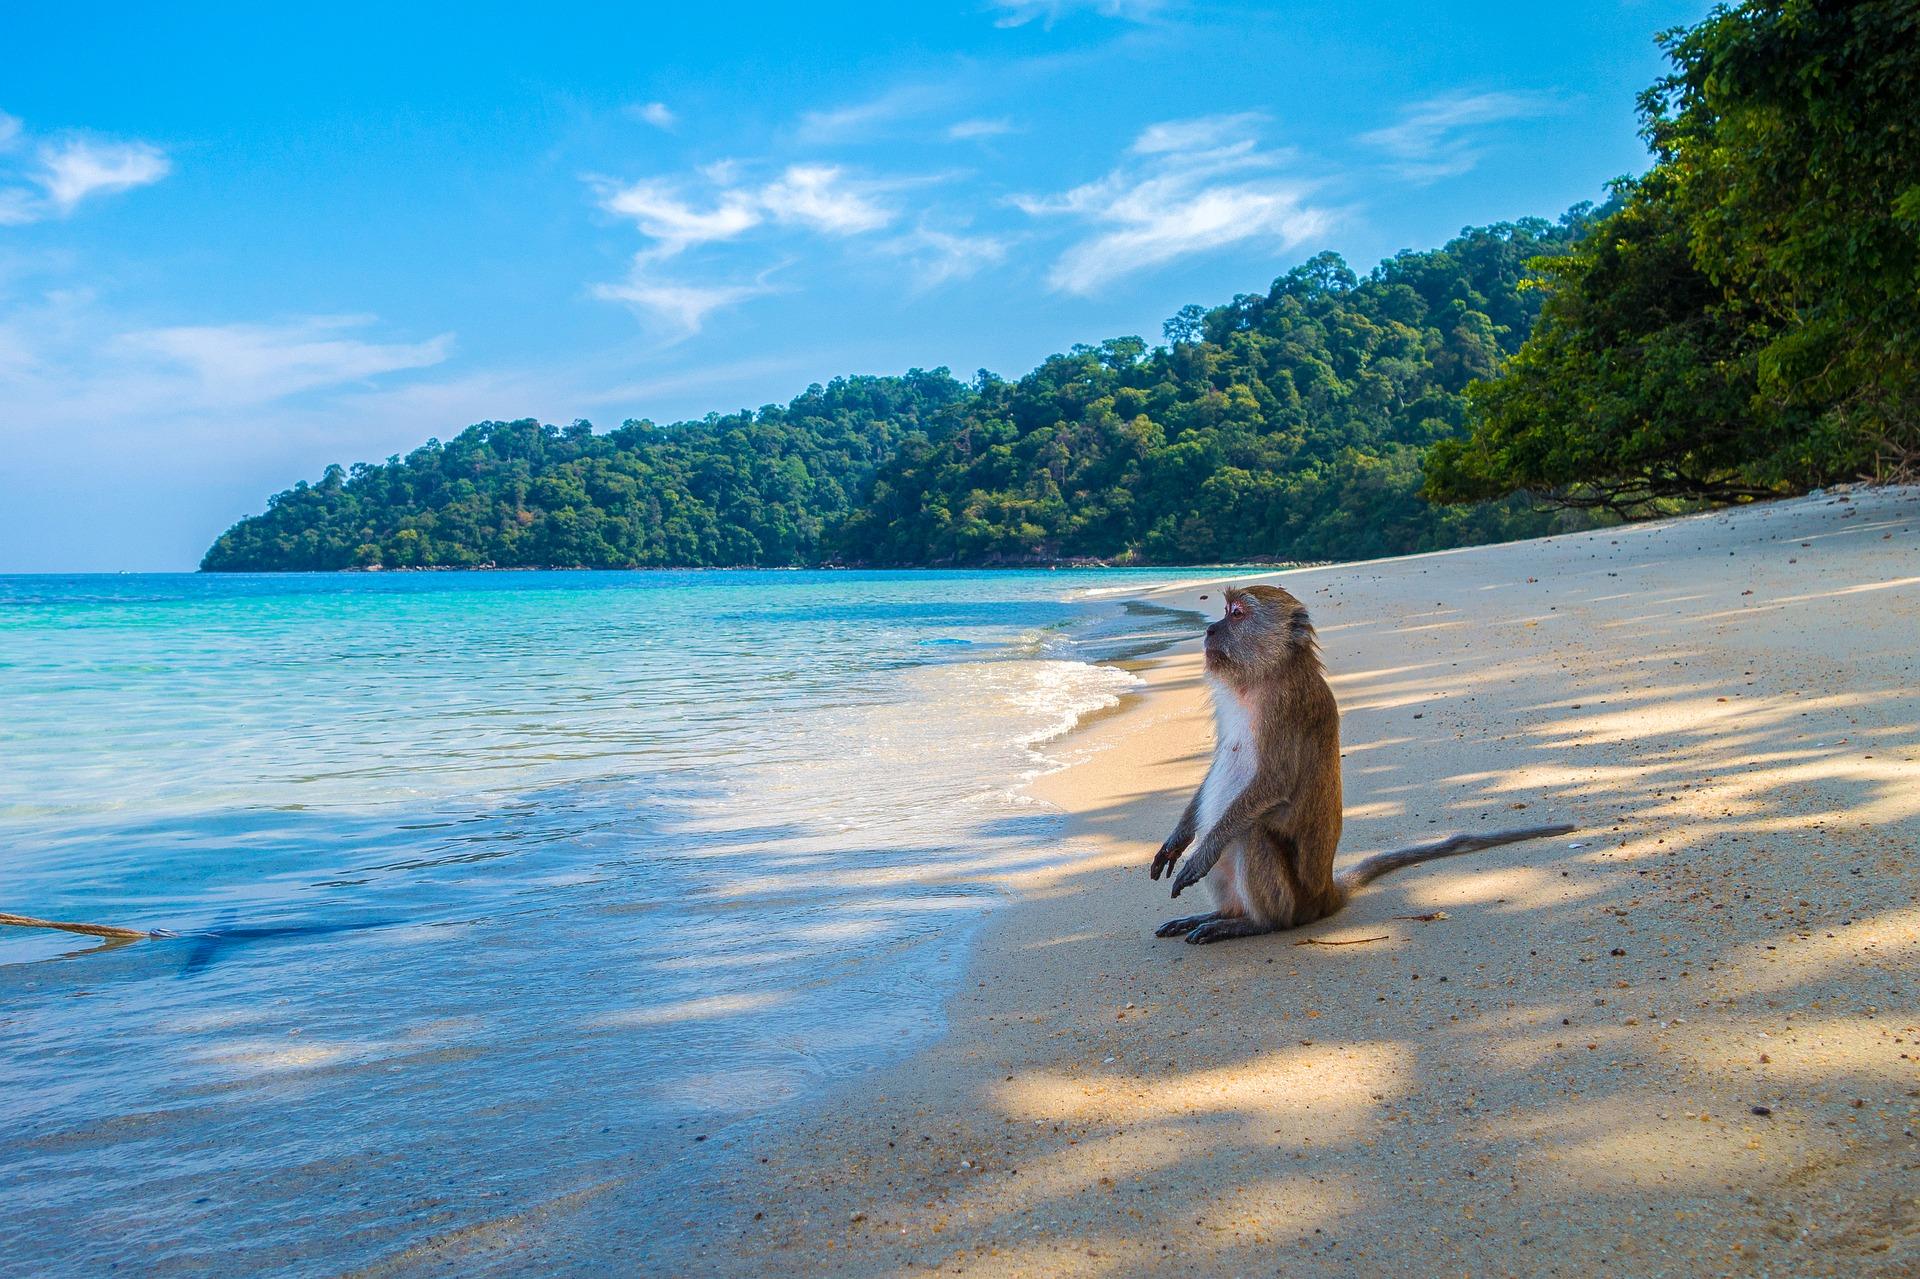 Auf Koh Phangan & Koh Samui warten die Affen schon auf dich